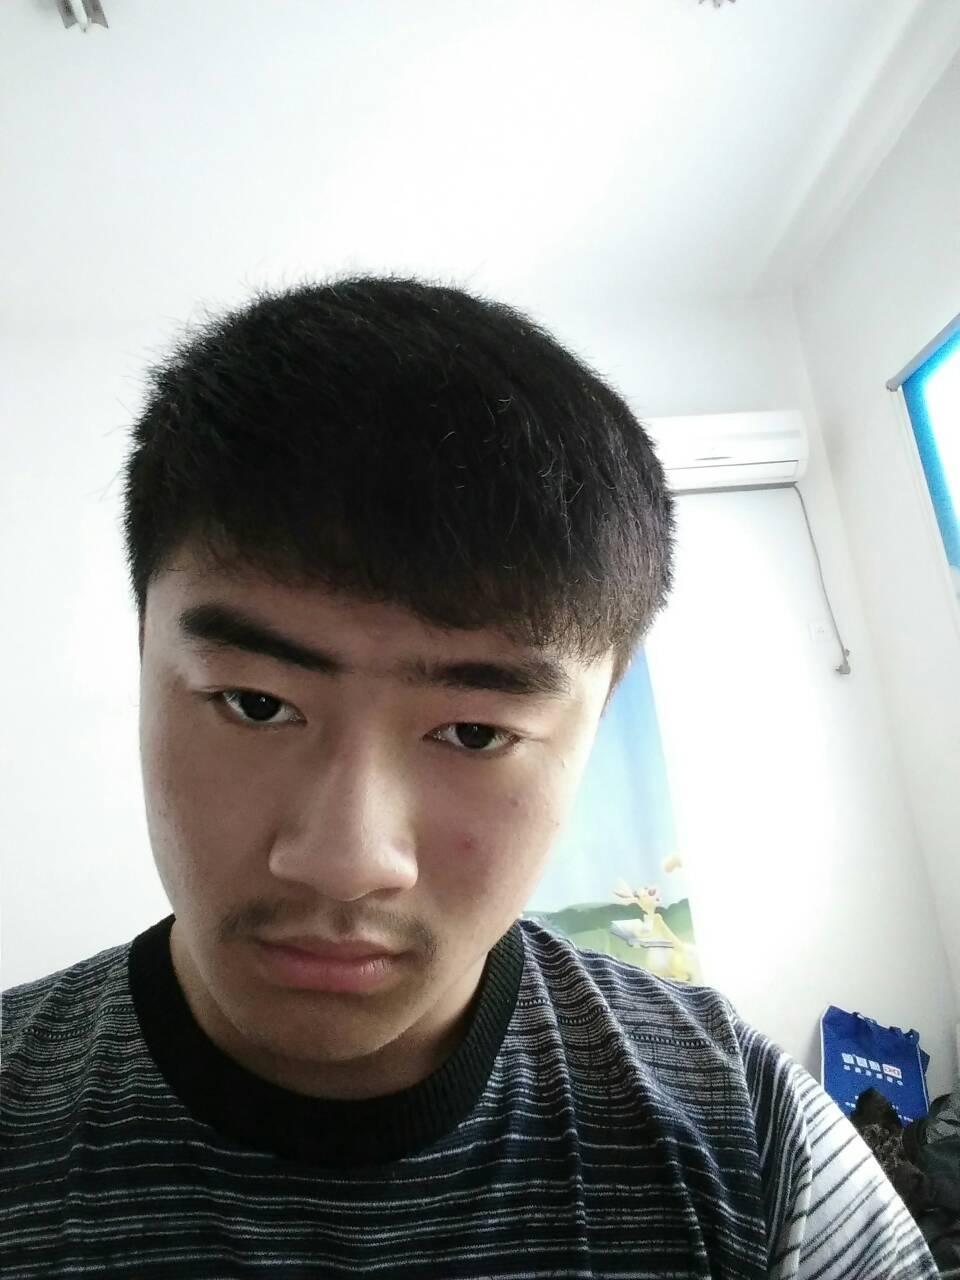 男生,头发自然卷怎么办,要寸头吗图片